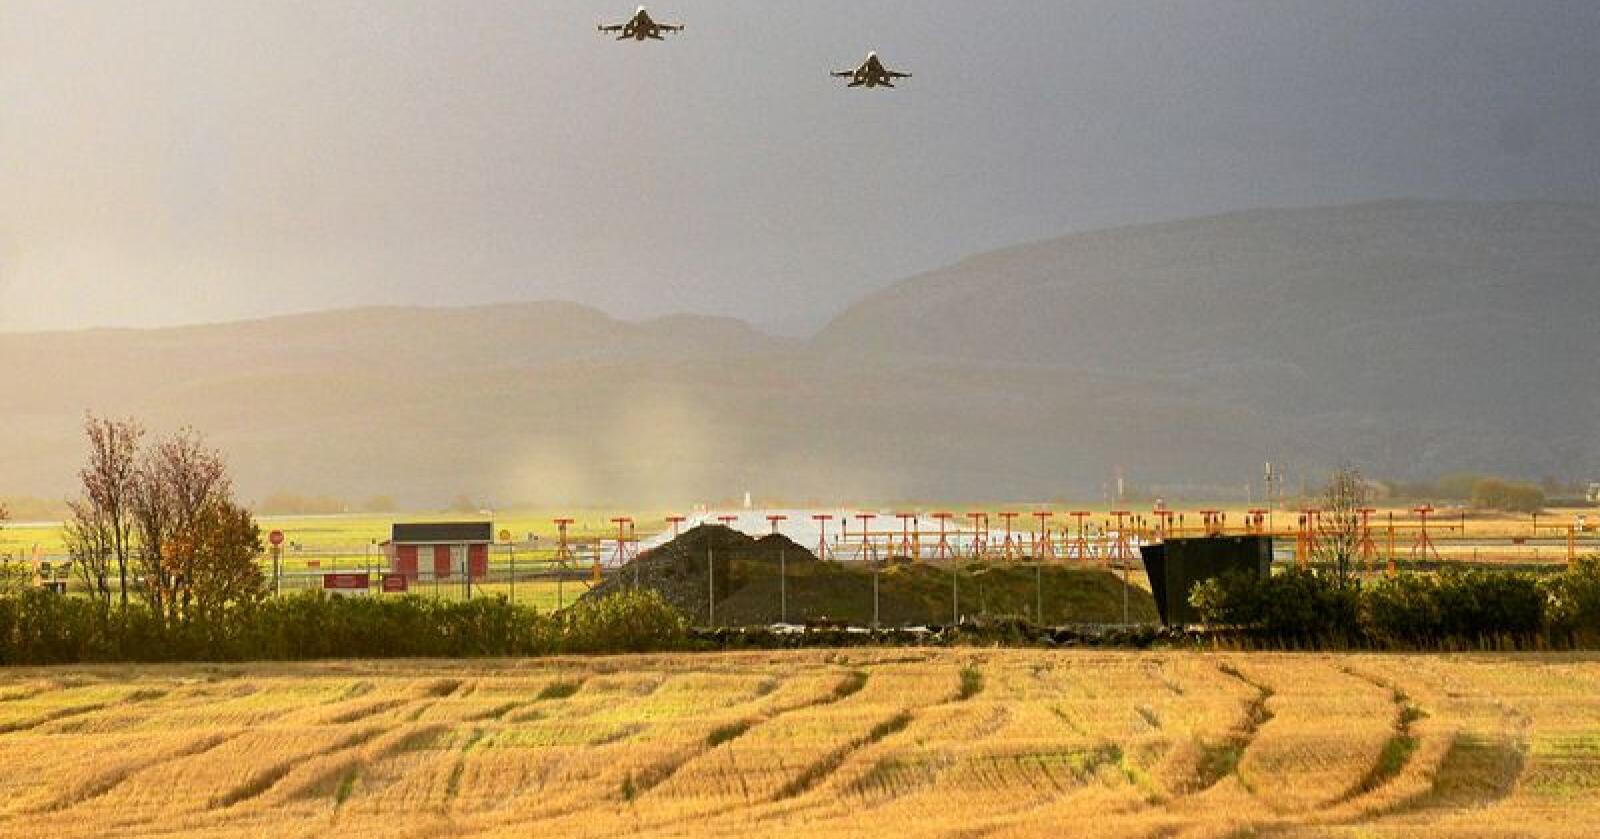 Kritisk: Amerikanske fly på Ørlandet gjør Norge mer utrygt, skriver innsenderen. Foto: Siri Juell Rasmussen